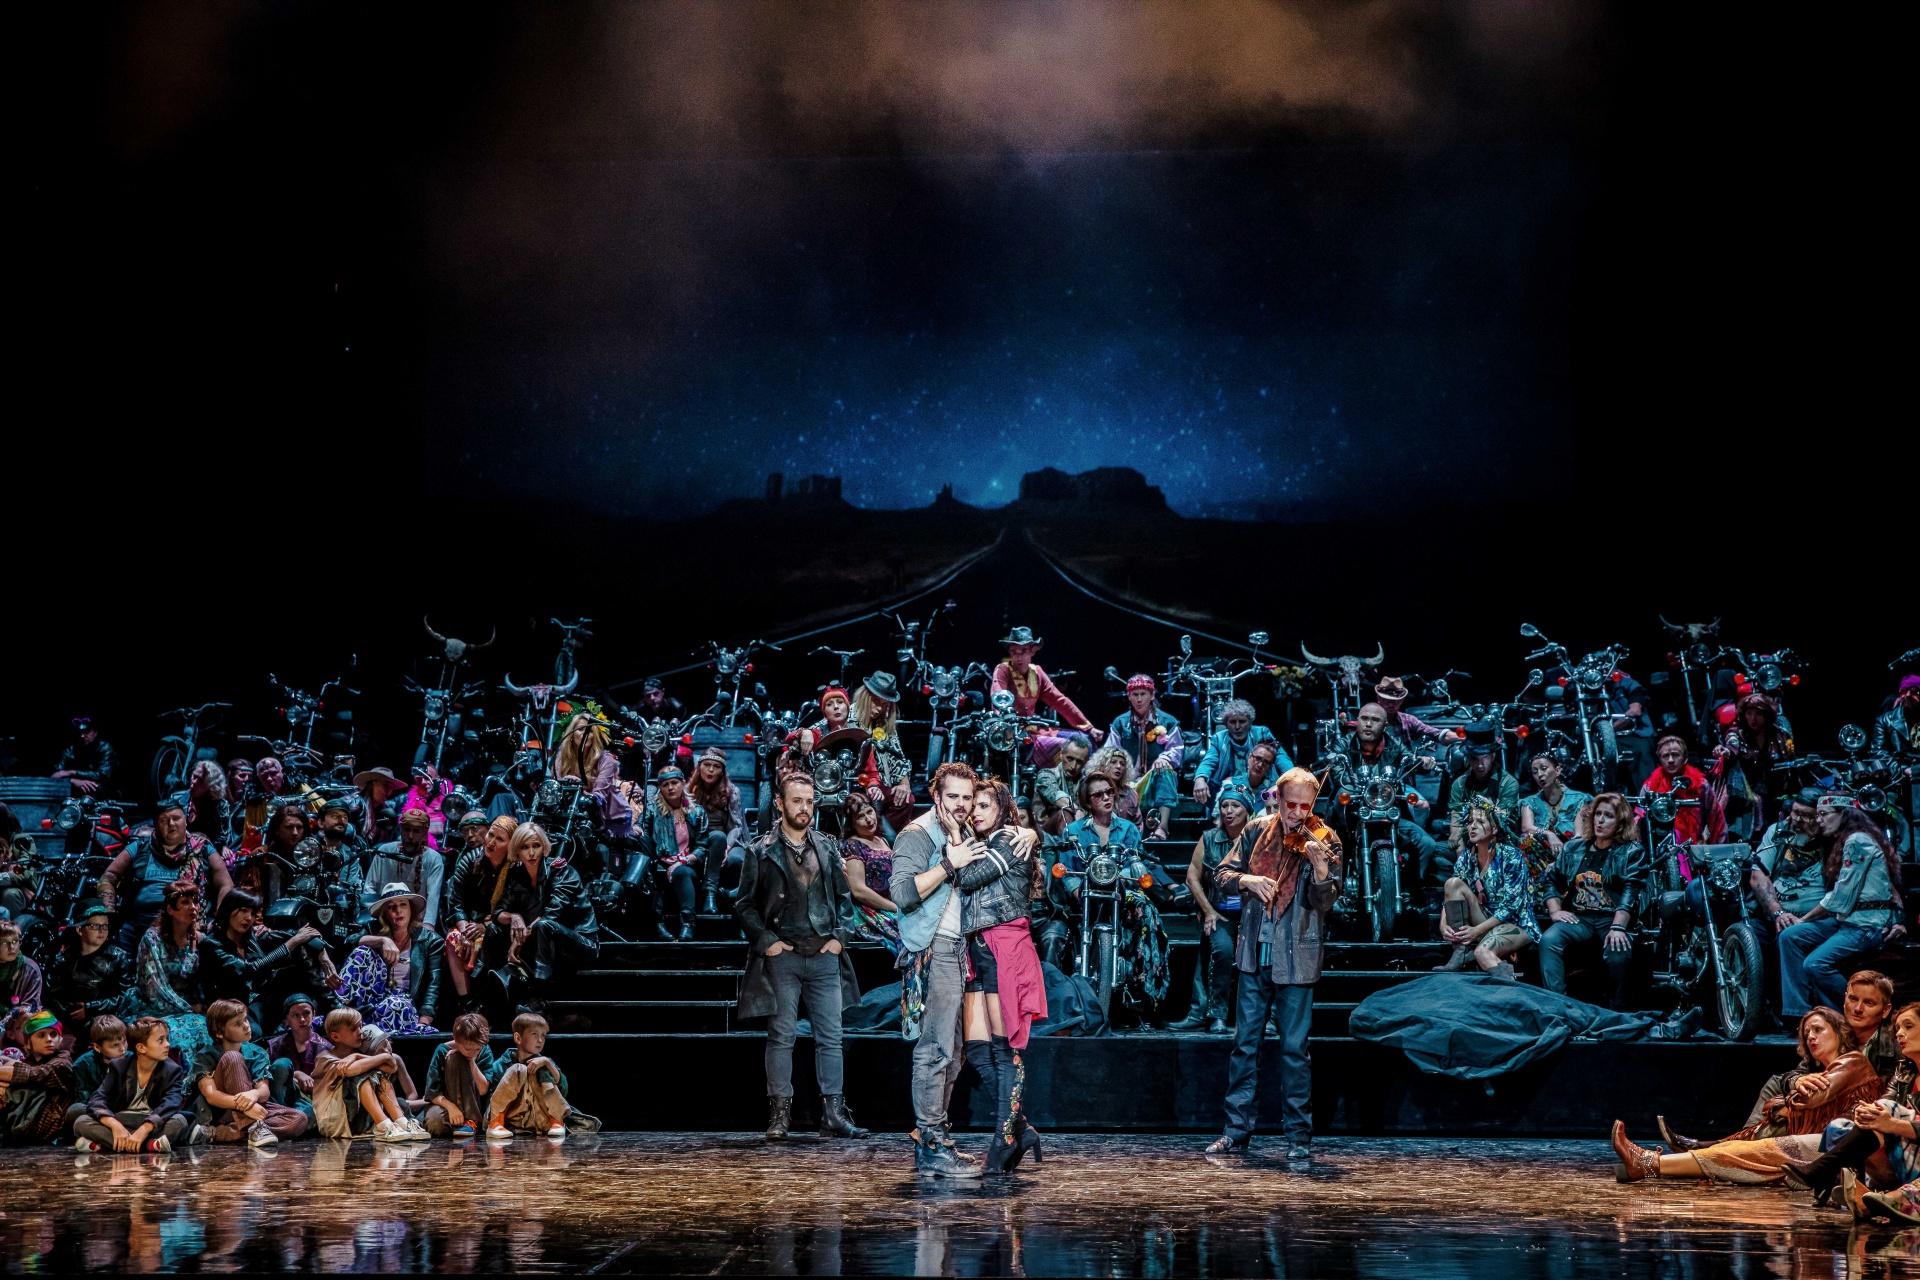 manru paderewski - Teatr Wielki Opera Narodowa